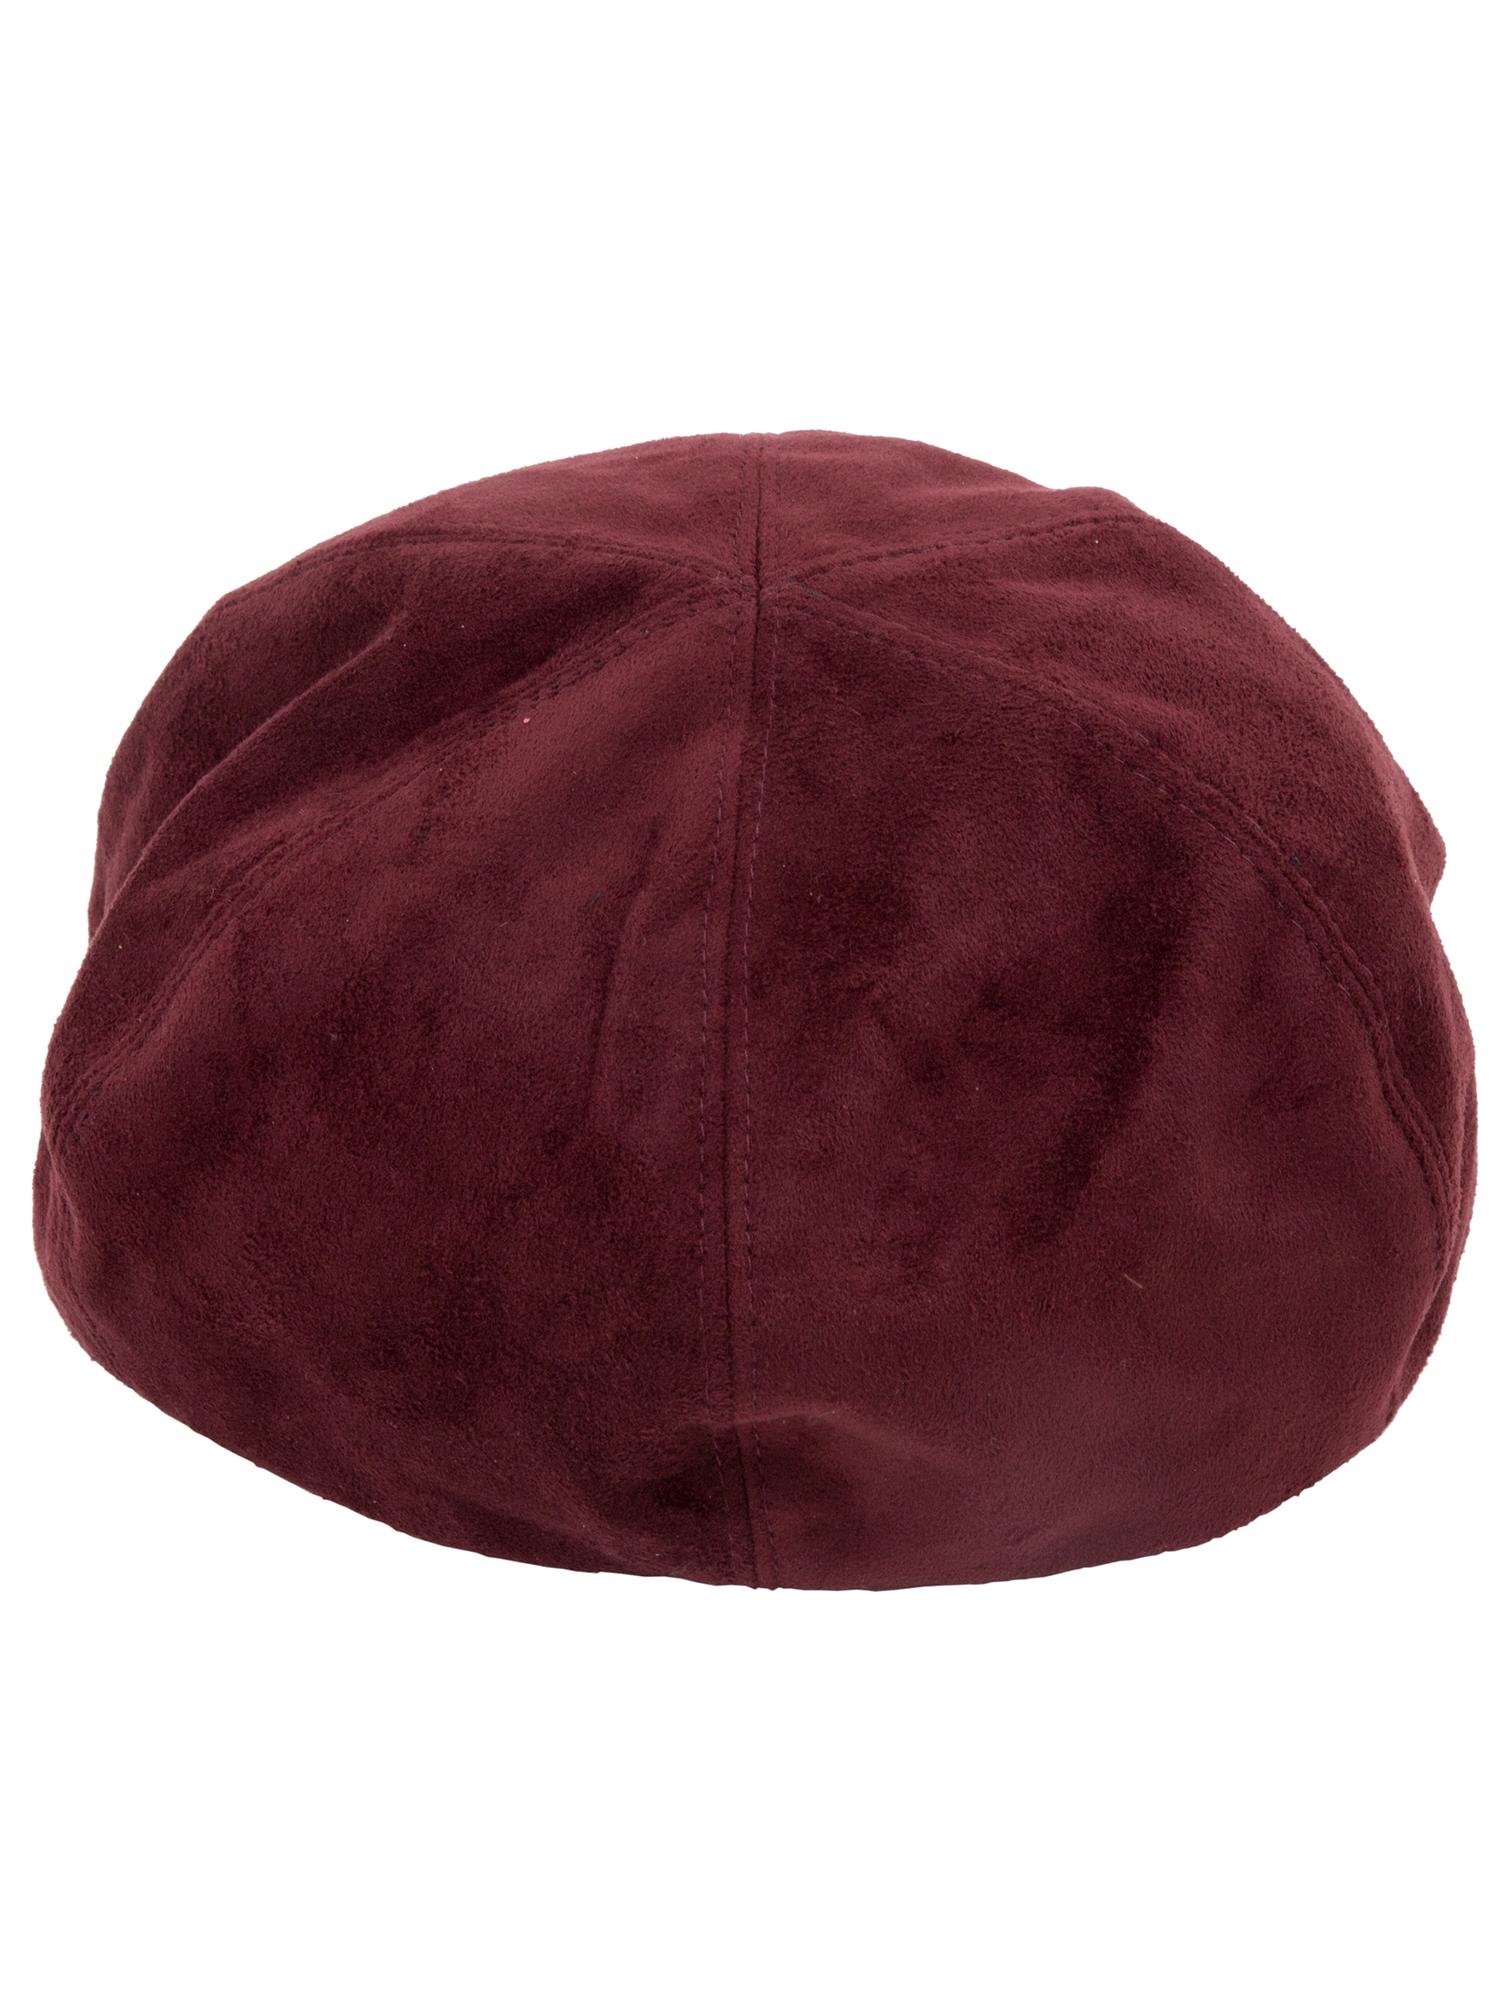 PUNYUS/フェイクスウェードベレー帽